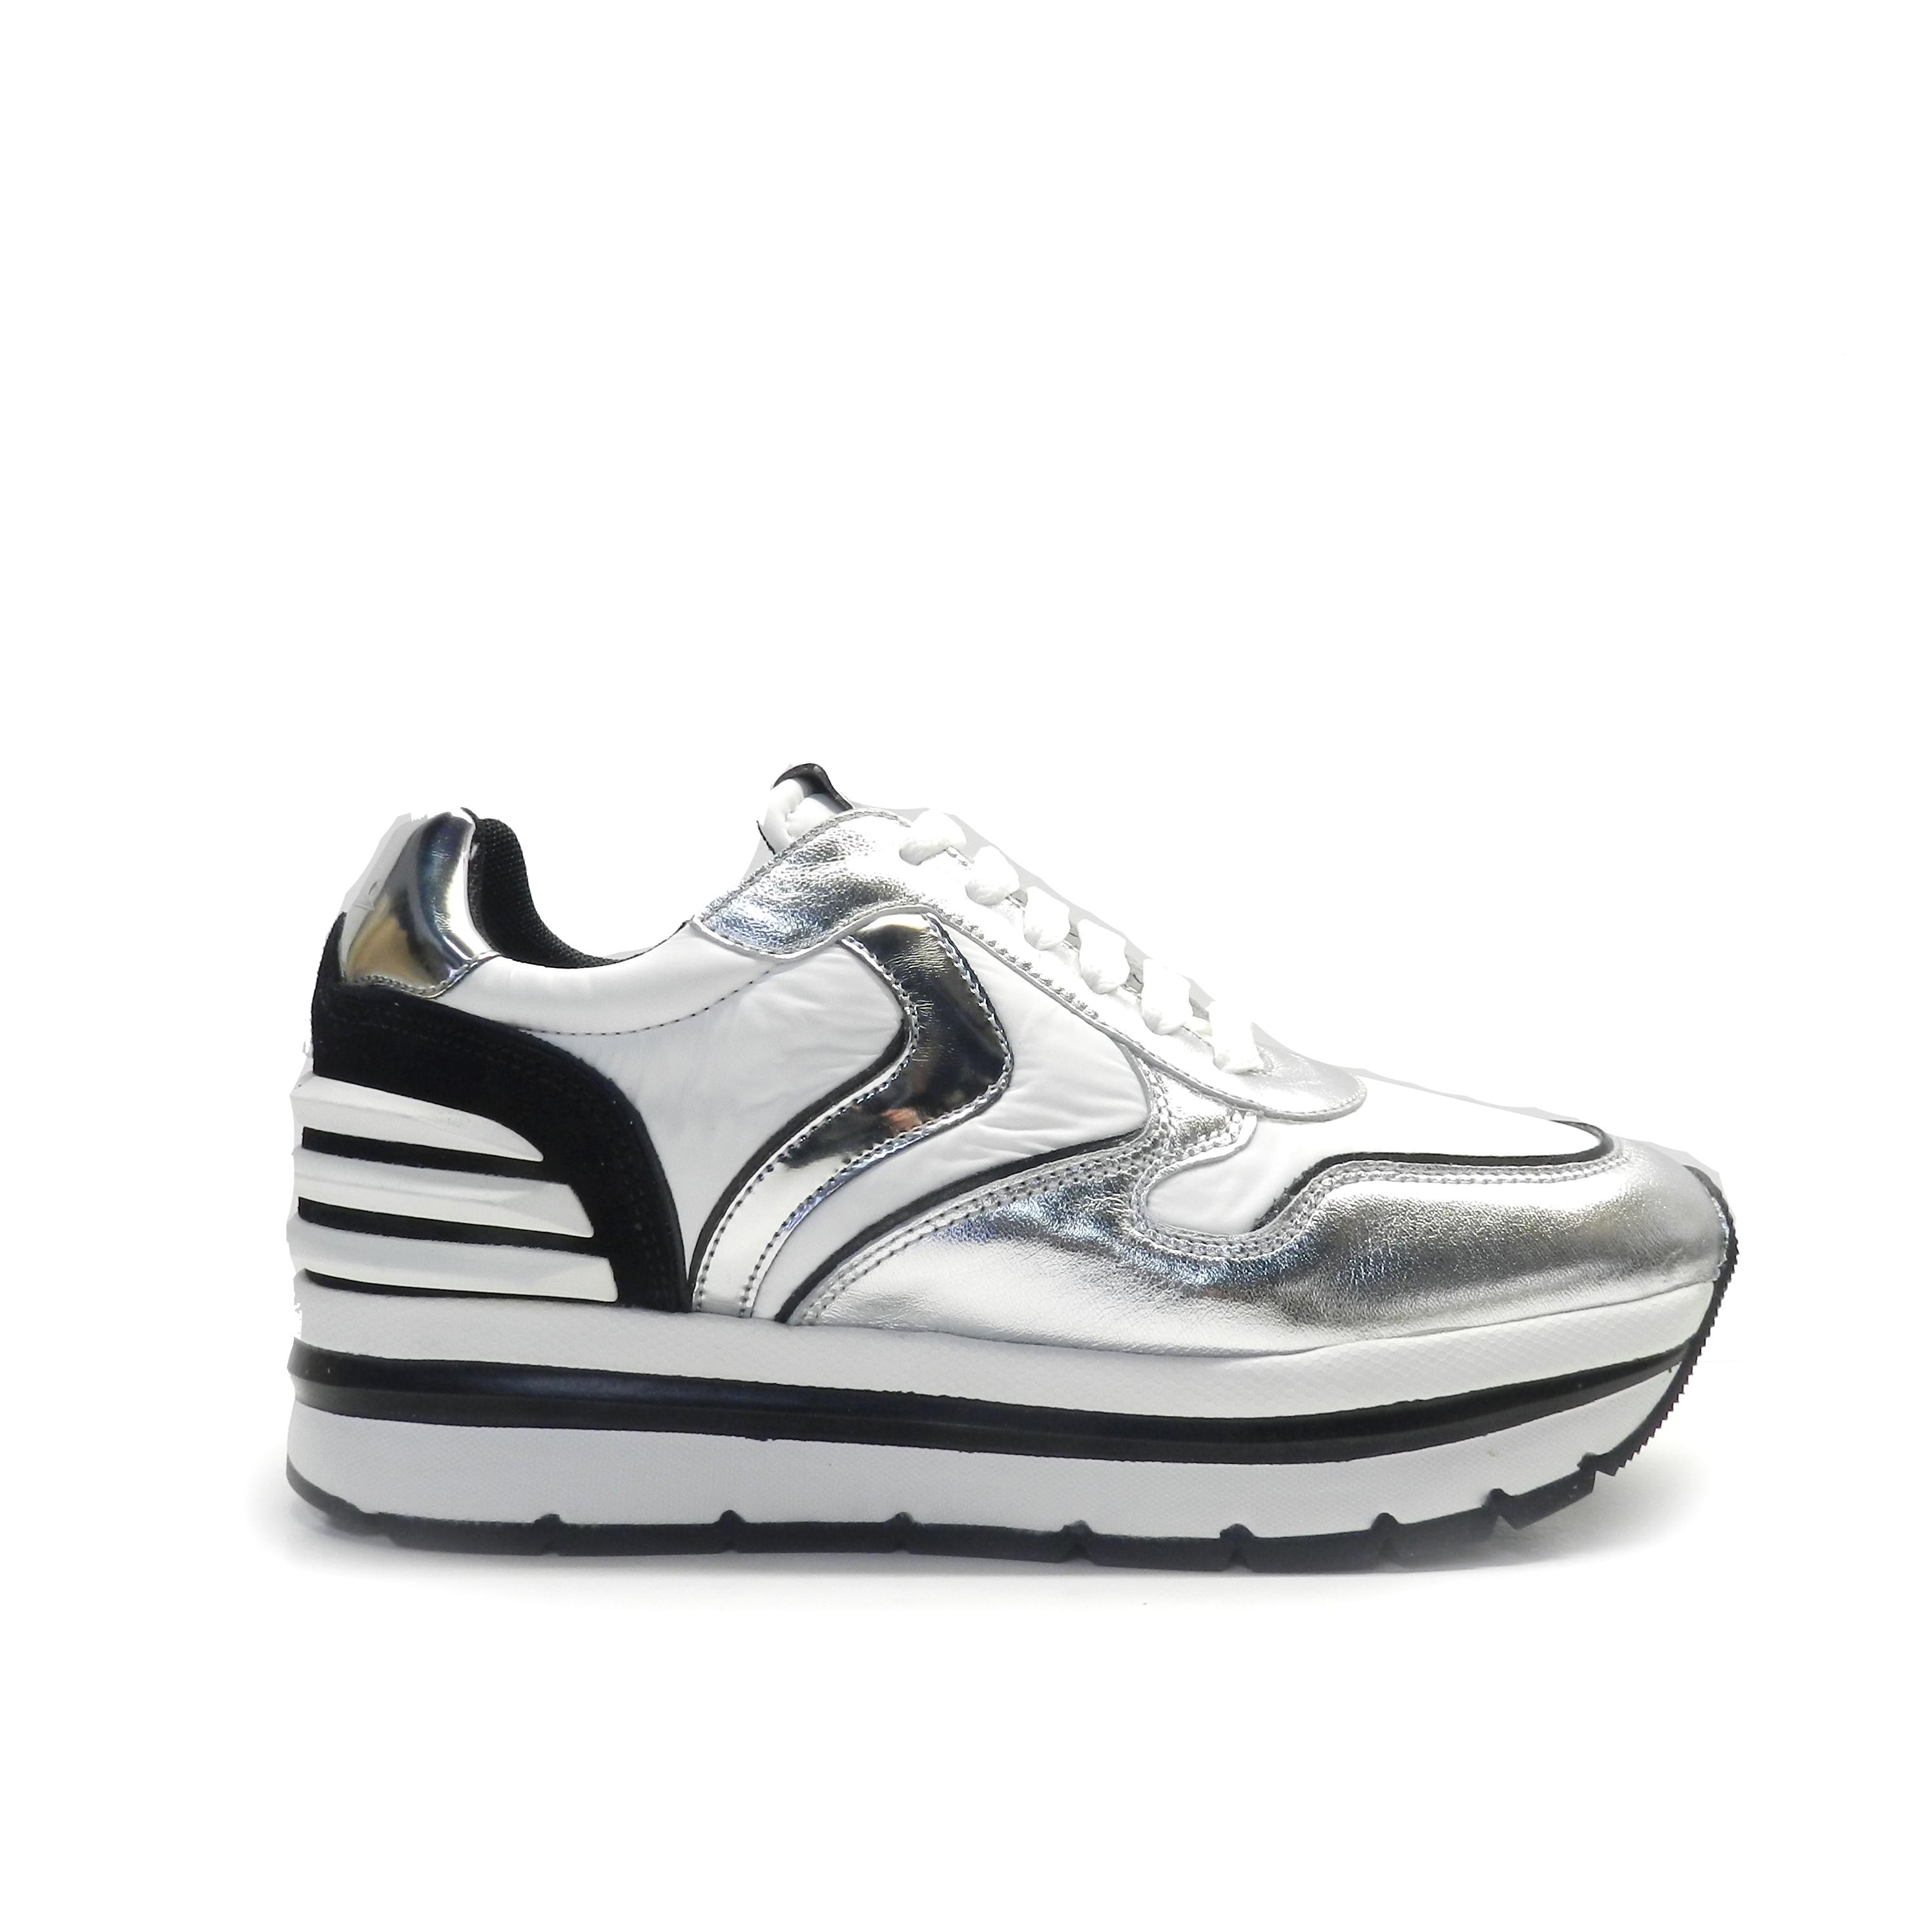 neakers de cordones en napa plata y nylon blanco con suela gruesa y raya negra, marca Voile Blanche.